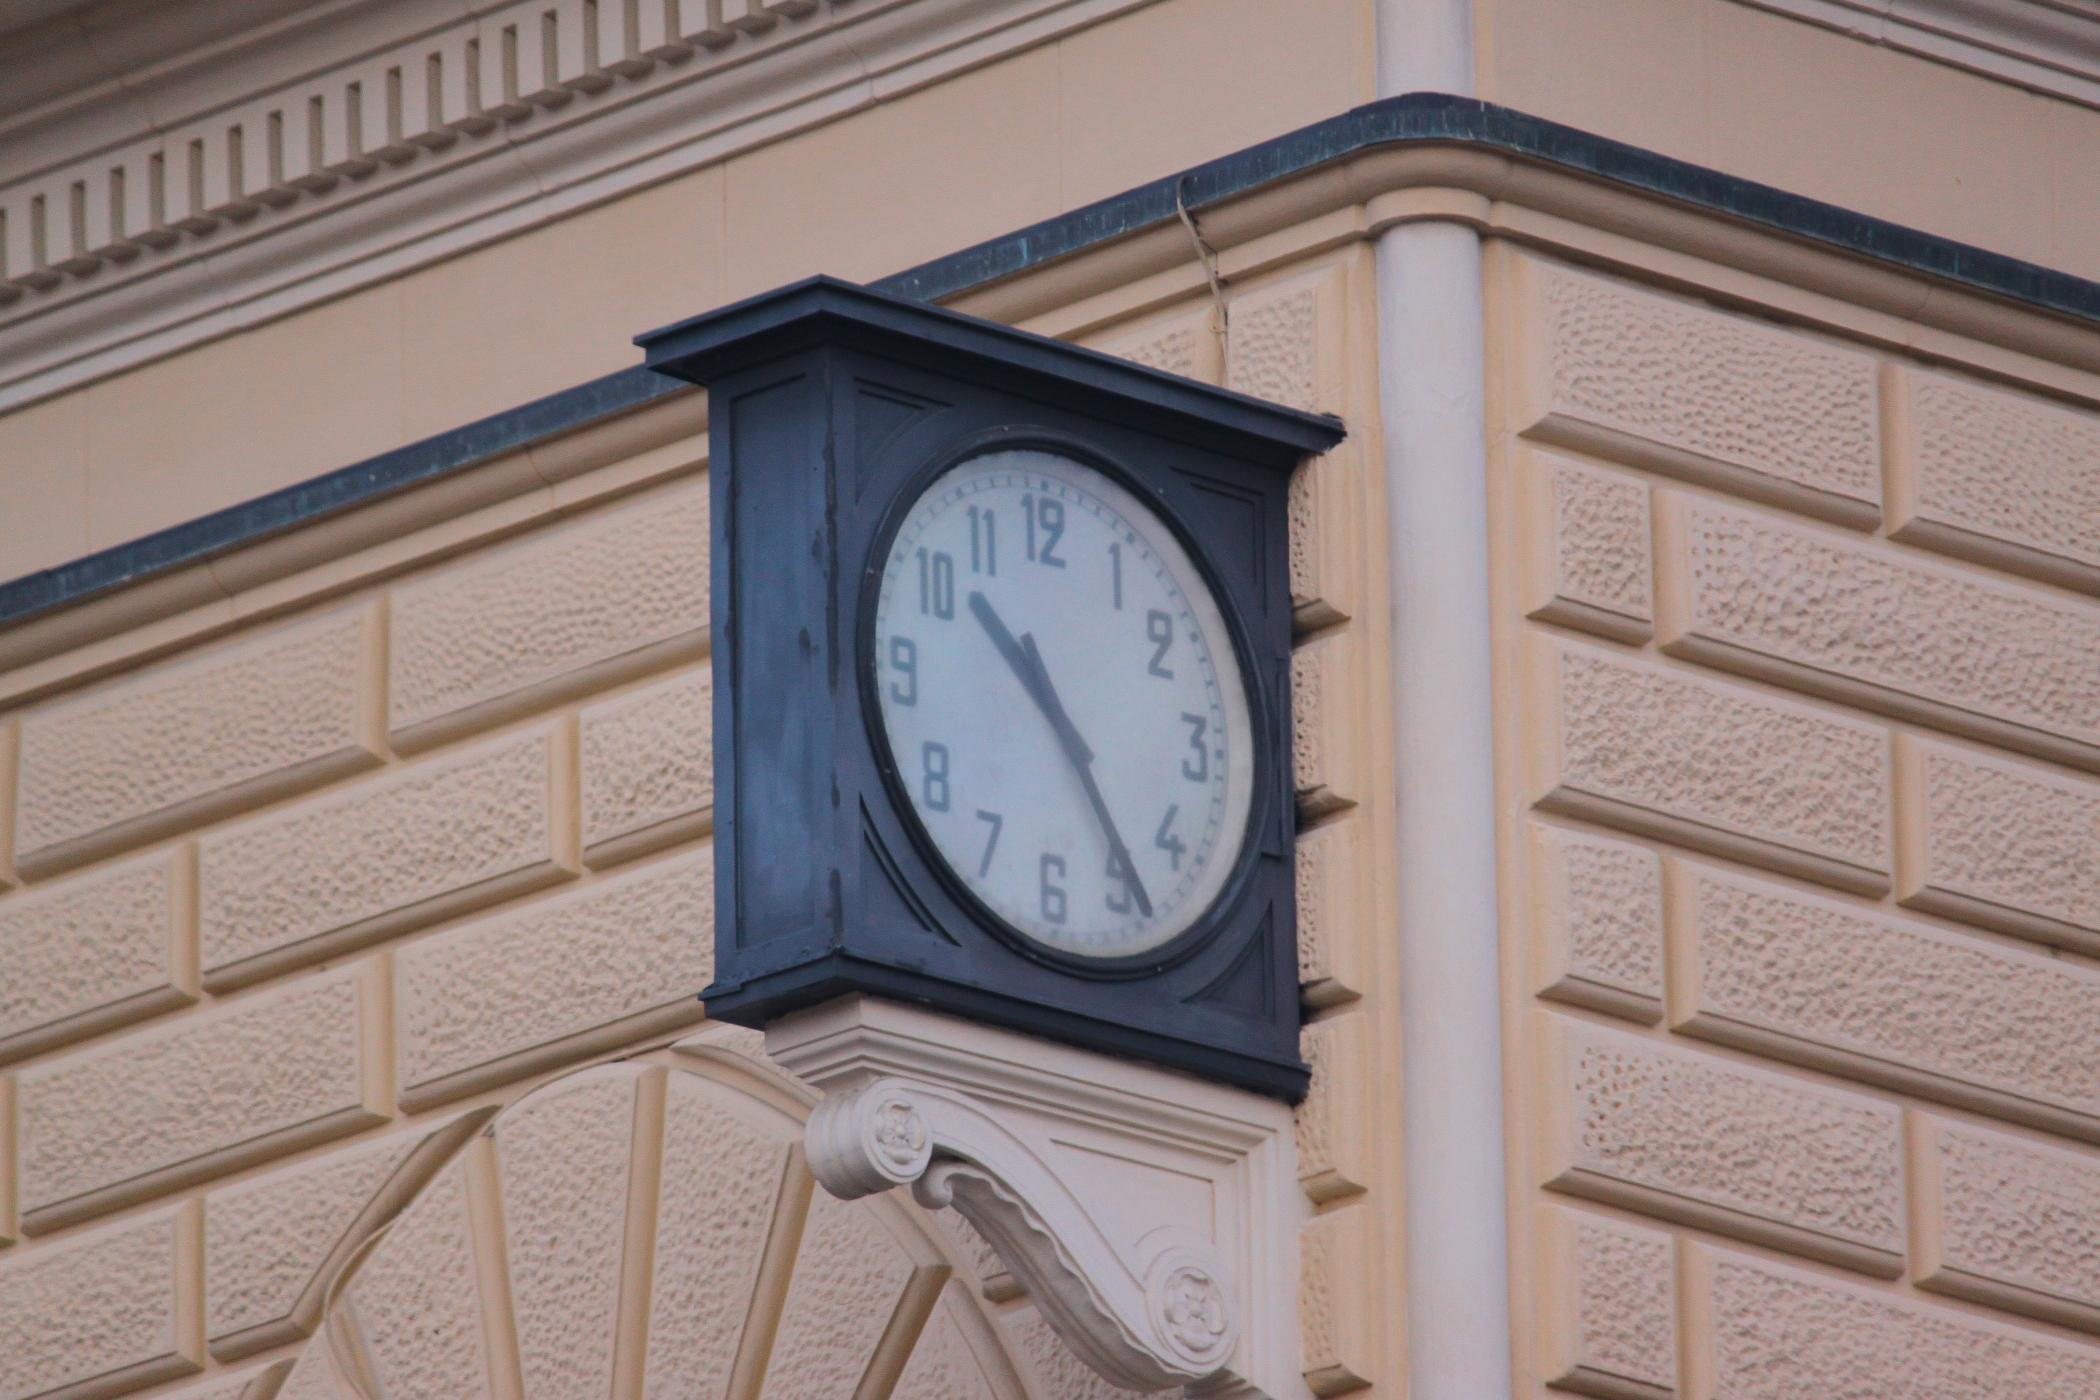 Storia del terrorismo in Italia. Alla stazione ferroviaria di Bologna l'orologio che si affaccia sui fabbricati distrutti dall'esplosione del 2 agosto 1980 continua a segnare le 10:25